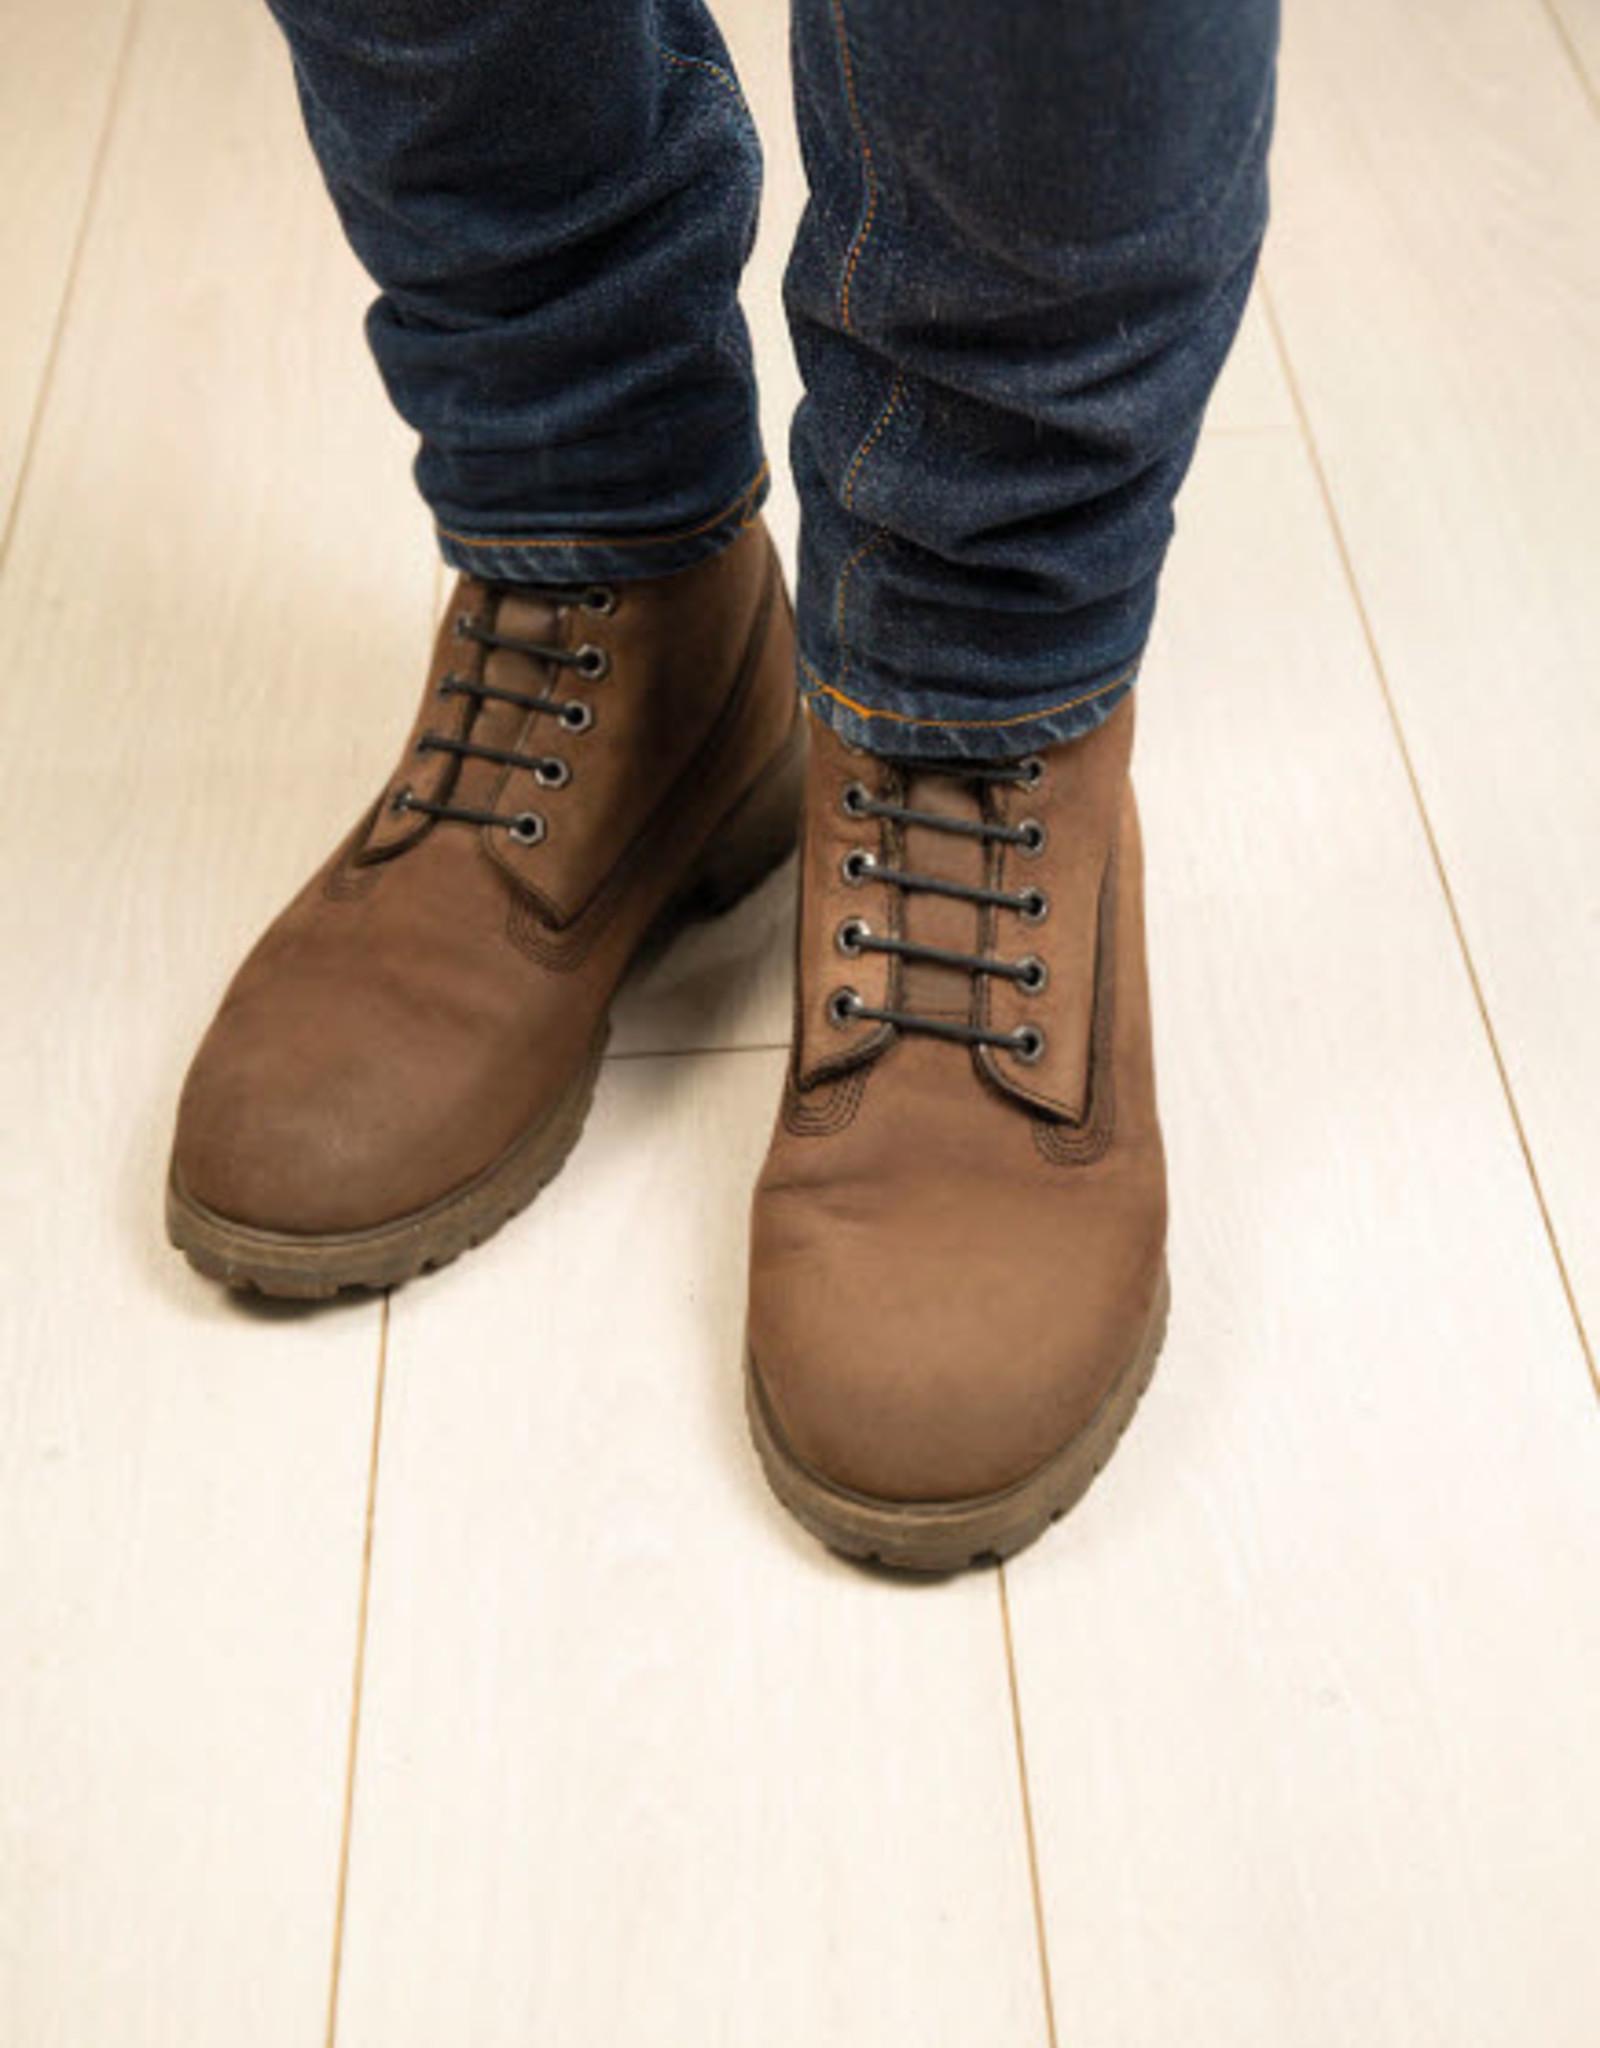 Kikkerland No Tie Shoe Bands